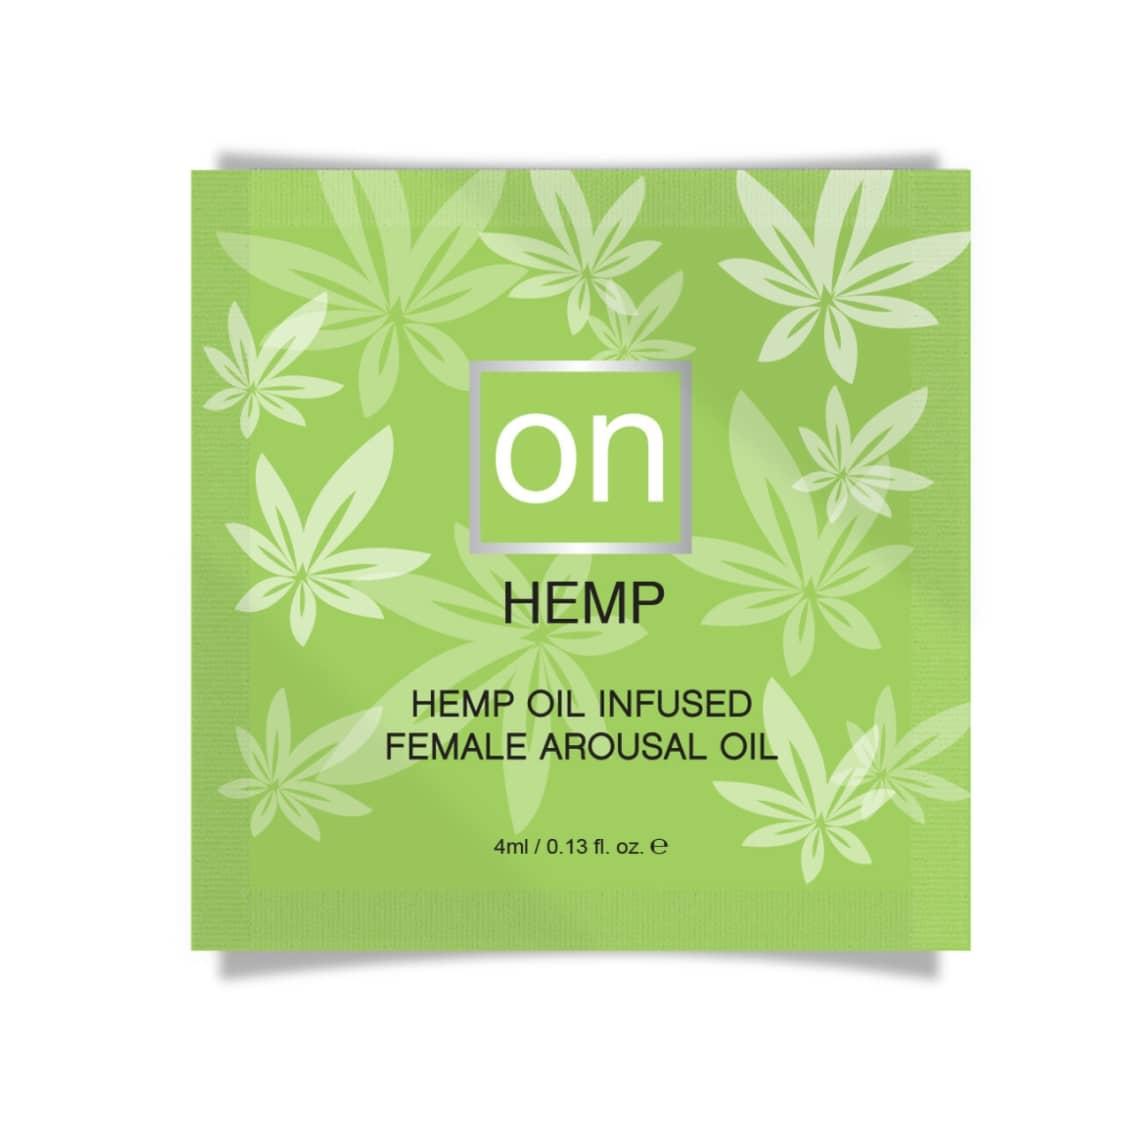 On Hemp – Hemp Oil Infused Female Arousal Gel